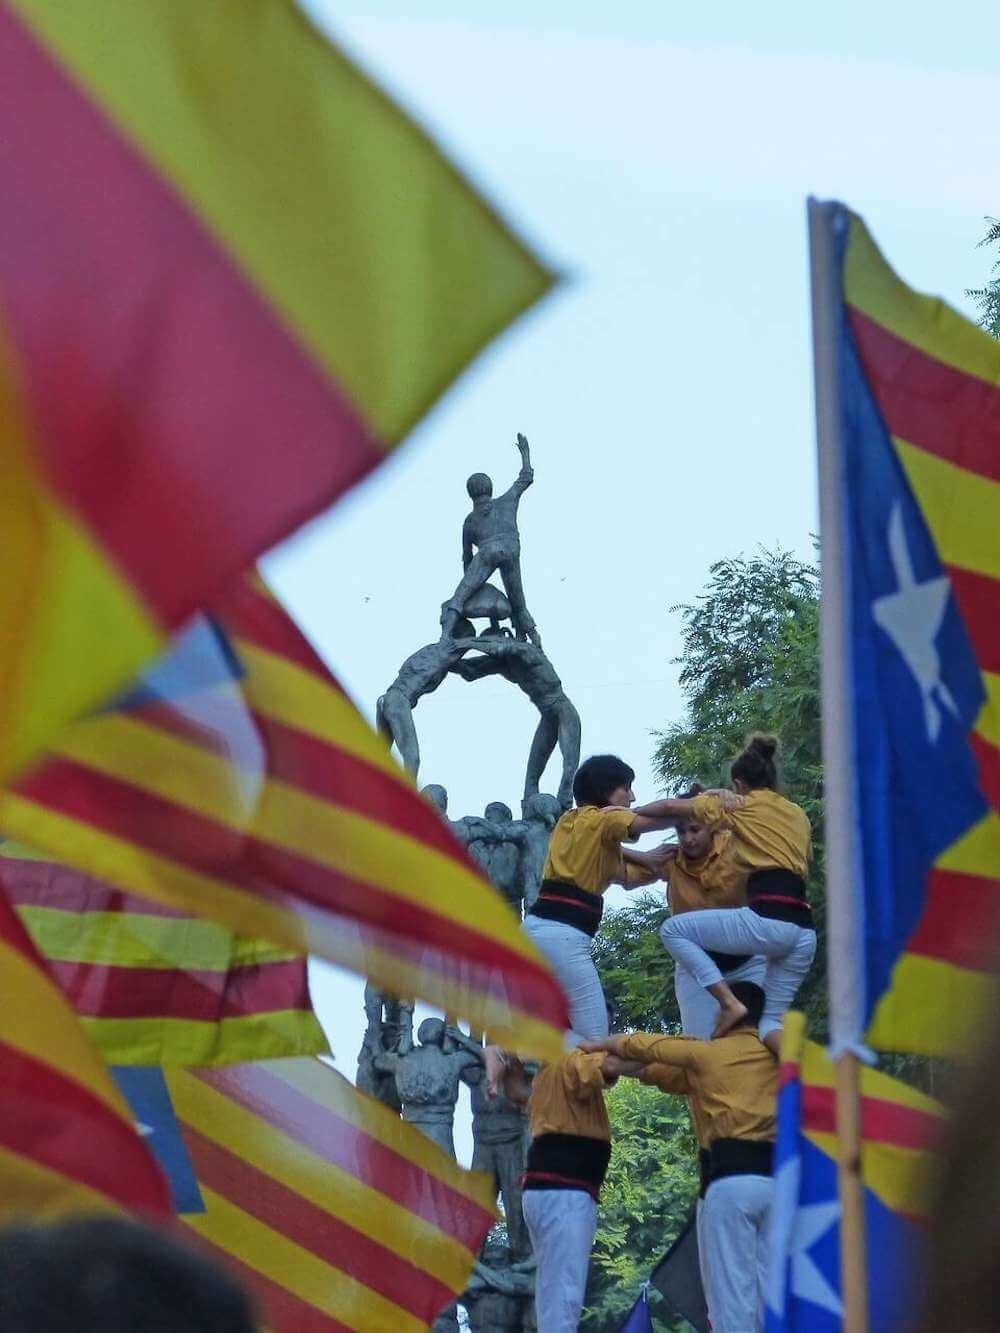 Castellers in Barcelona, Spain